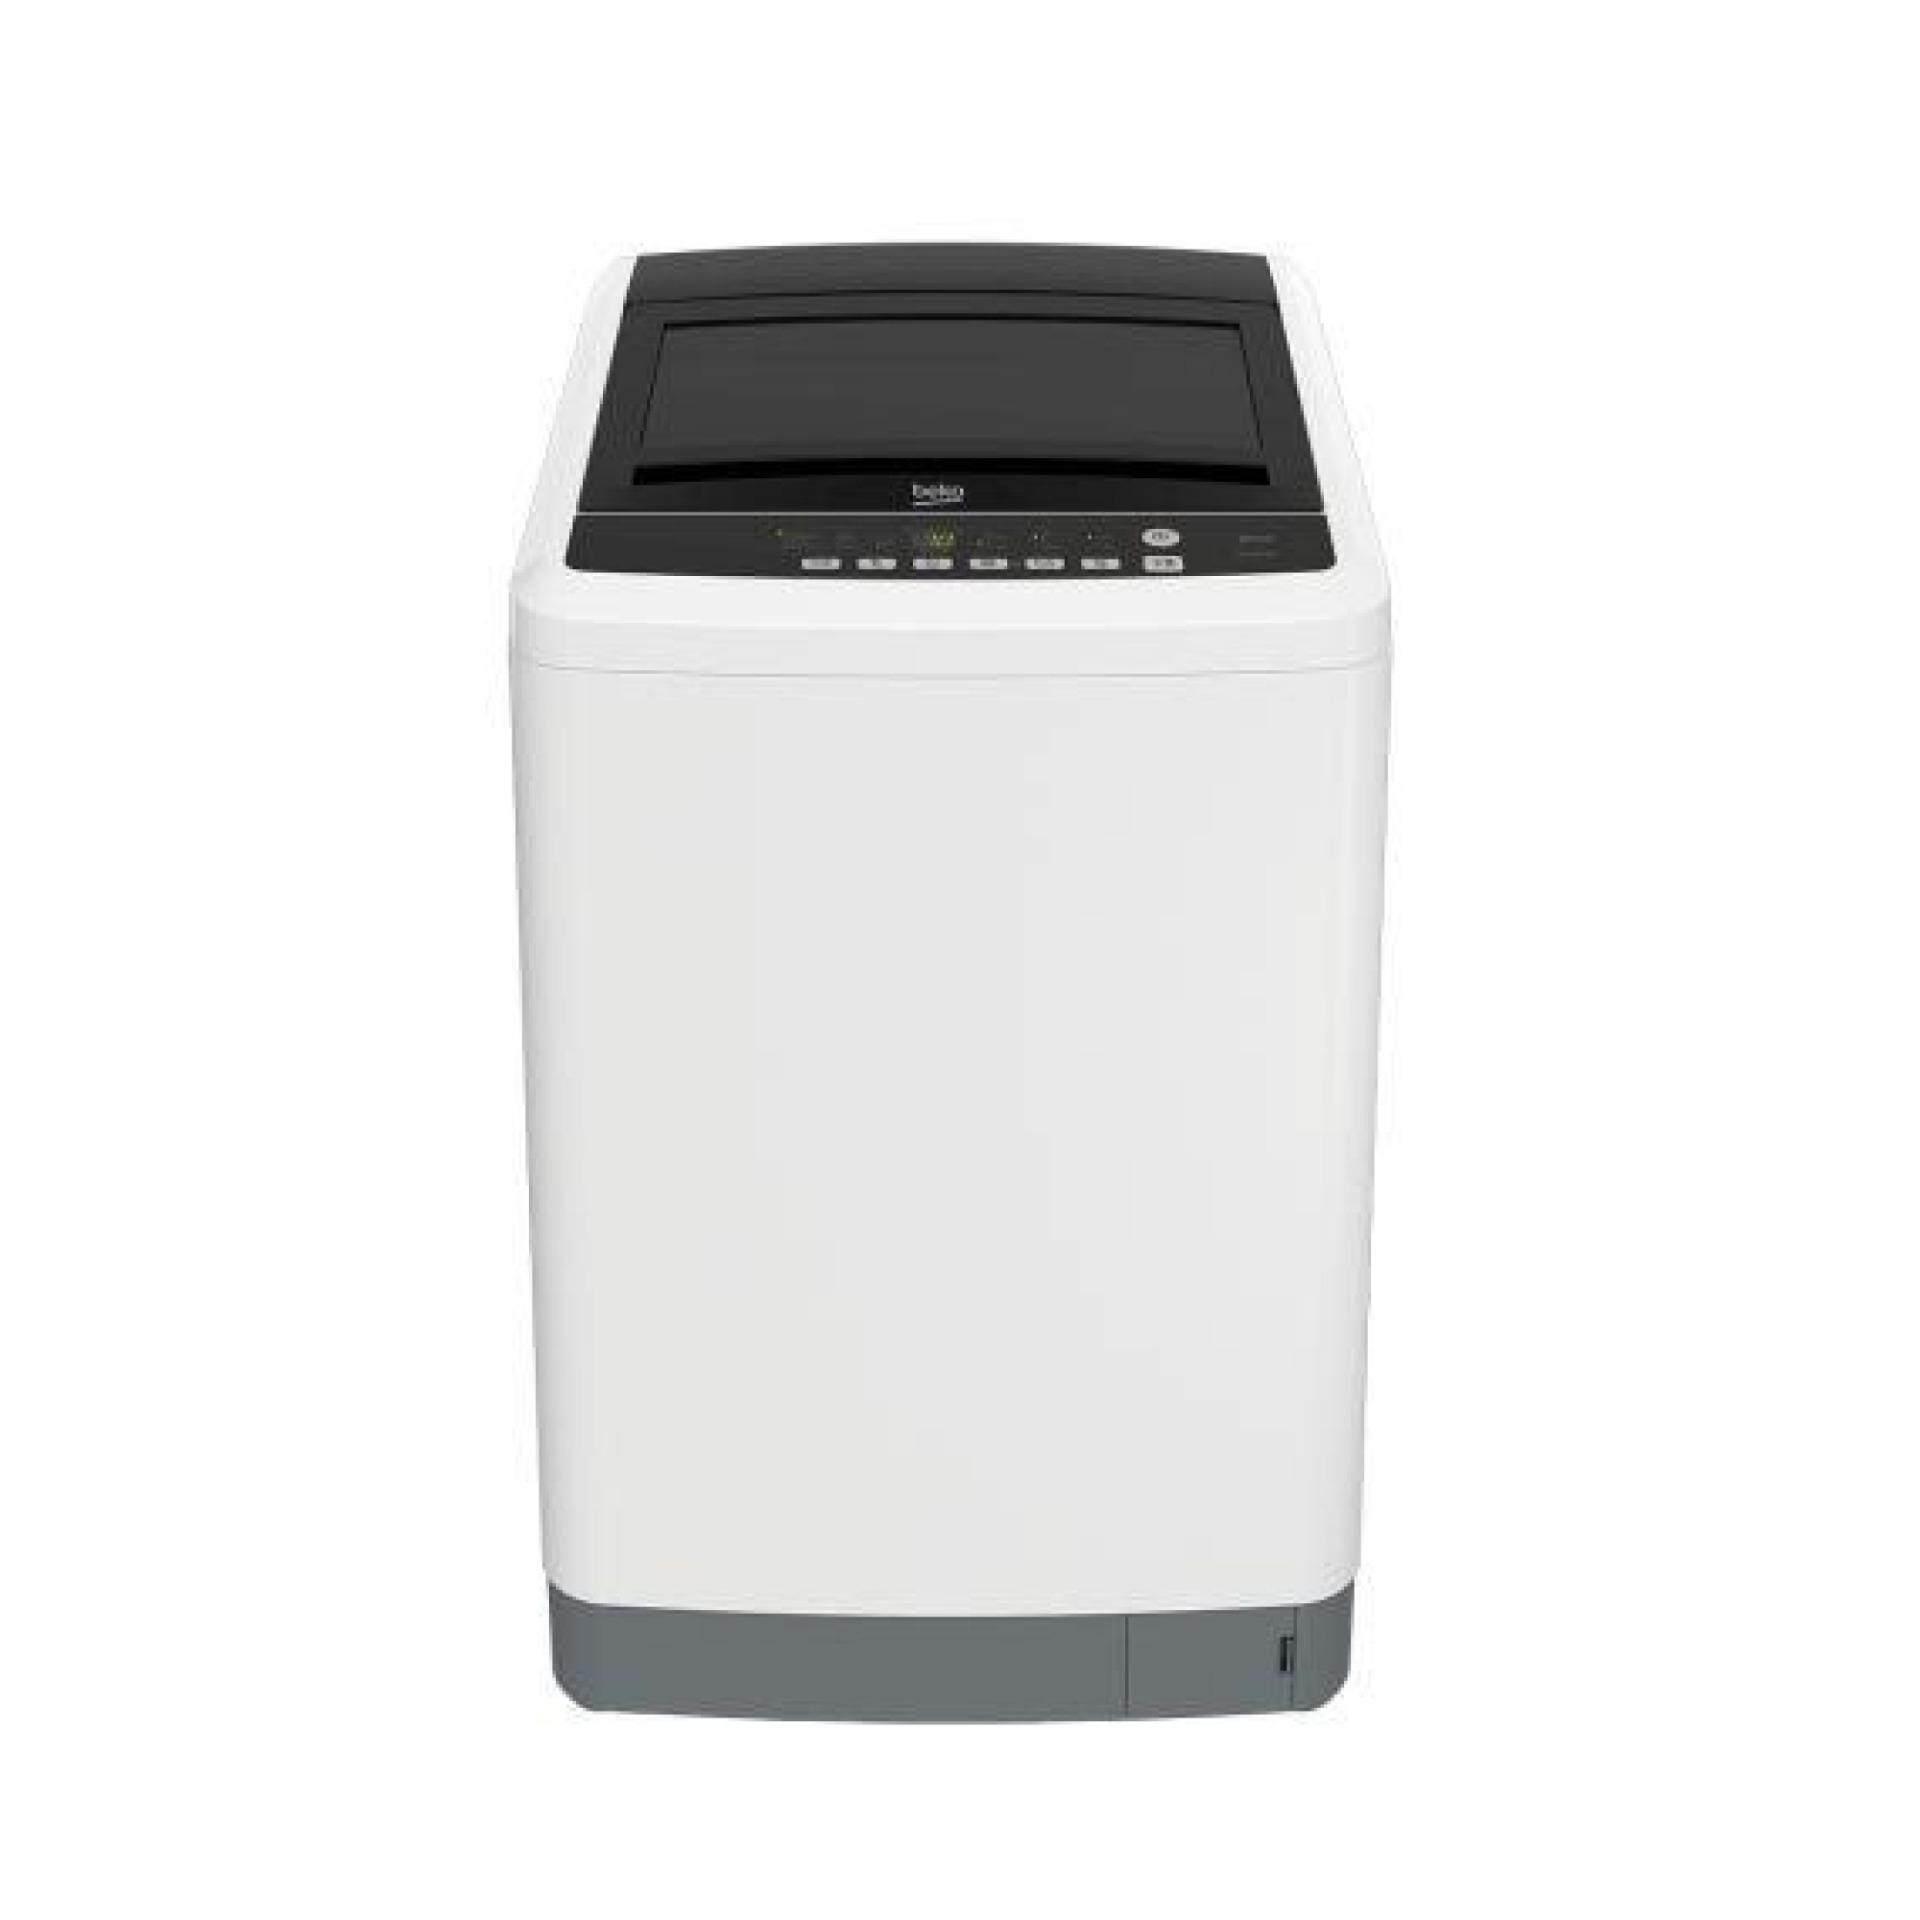 คูปอง ส่วนลด เมื่อซื้อ เครื่องซักผ้า Smarthome -25% SMARTHOME เครื่องซักผ้ามินิกึ่งอัตโนมัติ 4.0 Kg. รุ่น SM-MW2502 สีชมพู รีวิวที่ดีที่สุด